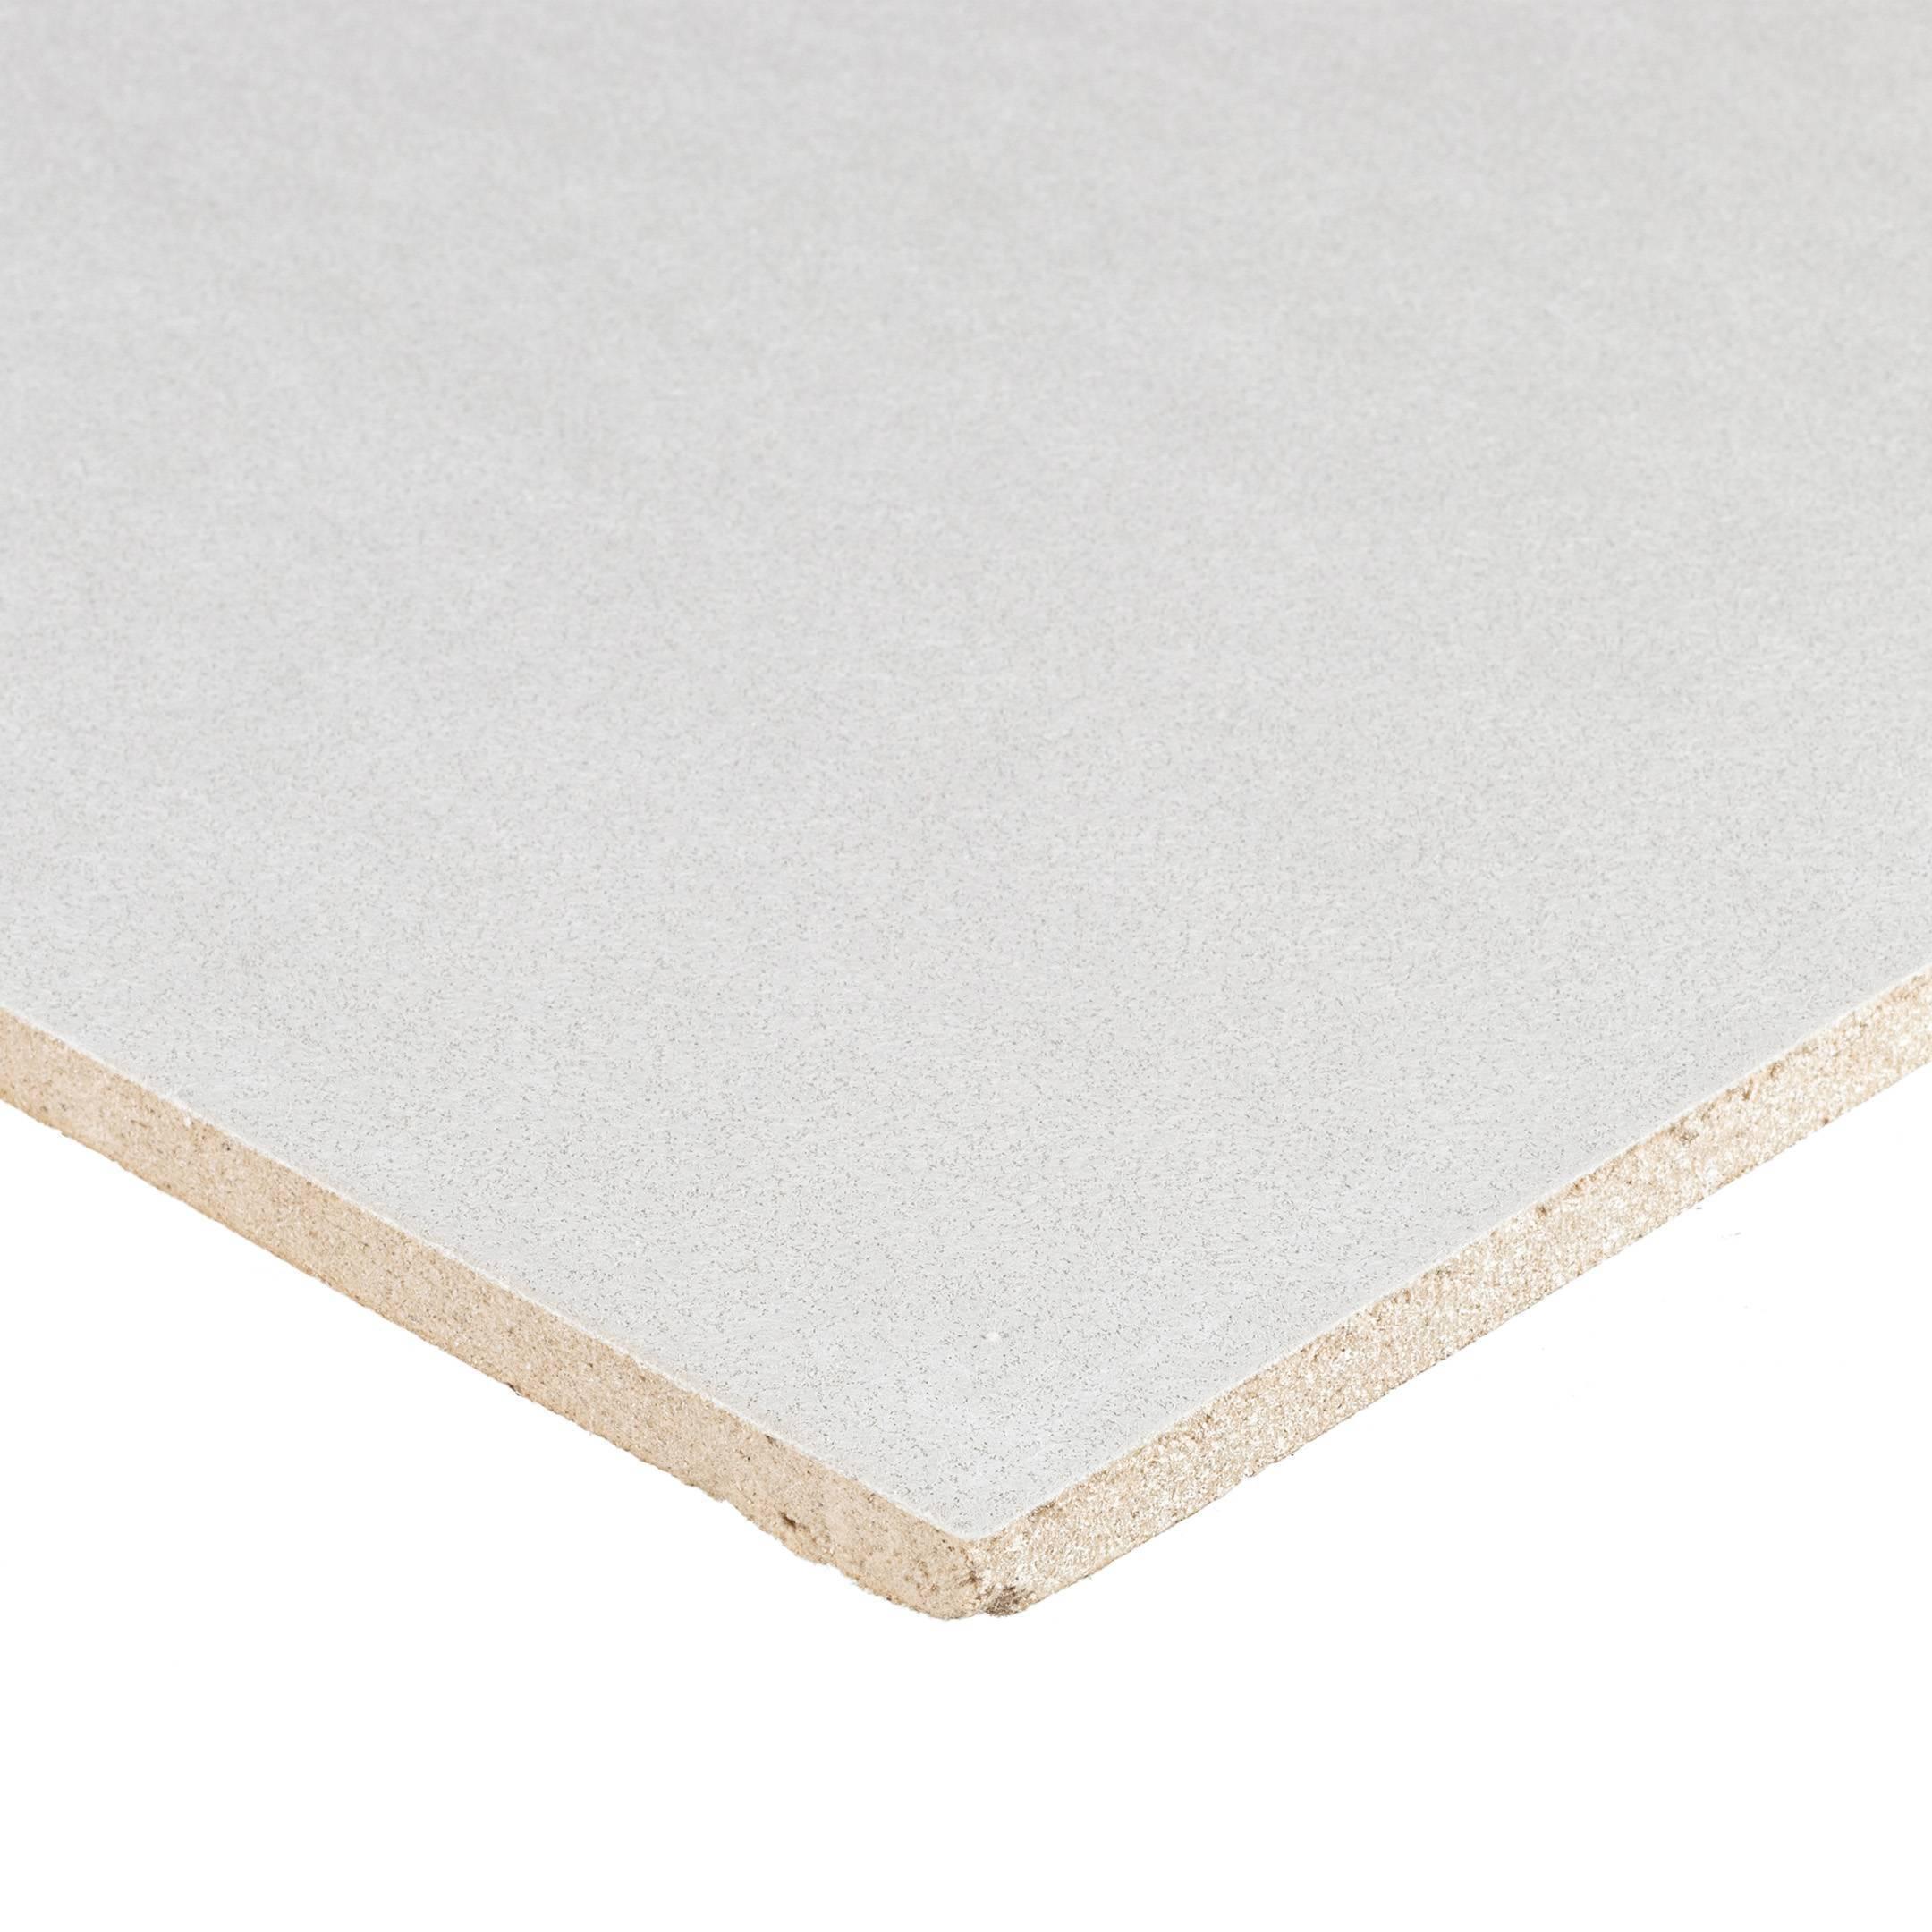 Подвесной потолок армстронг: описание конструкции